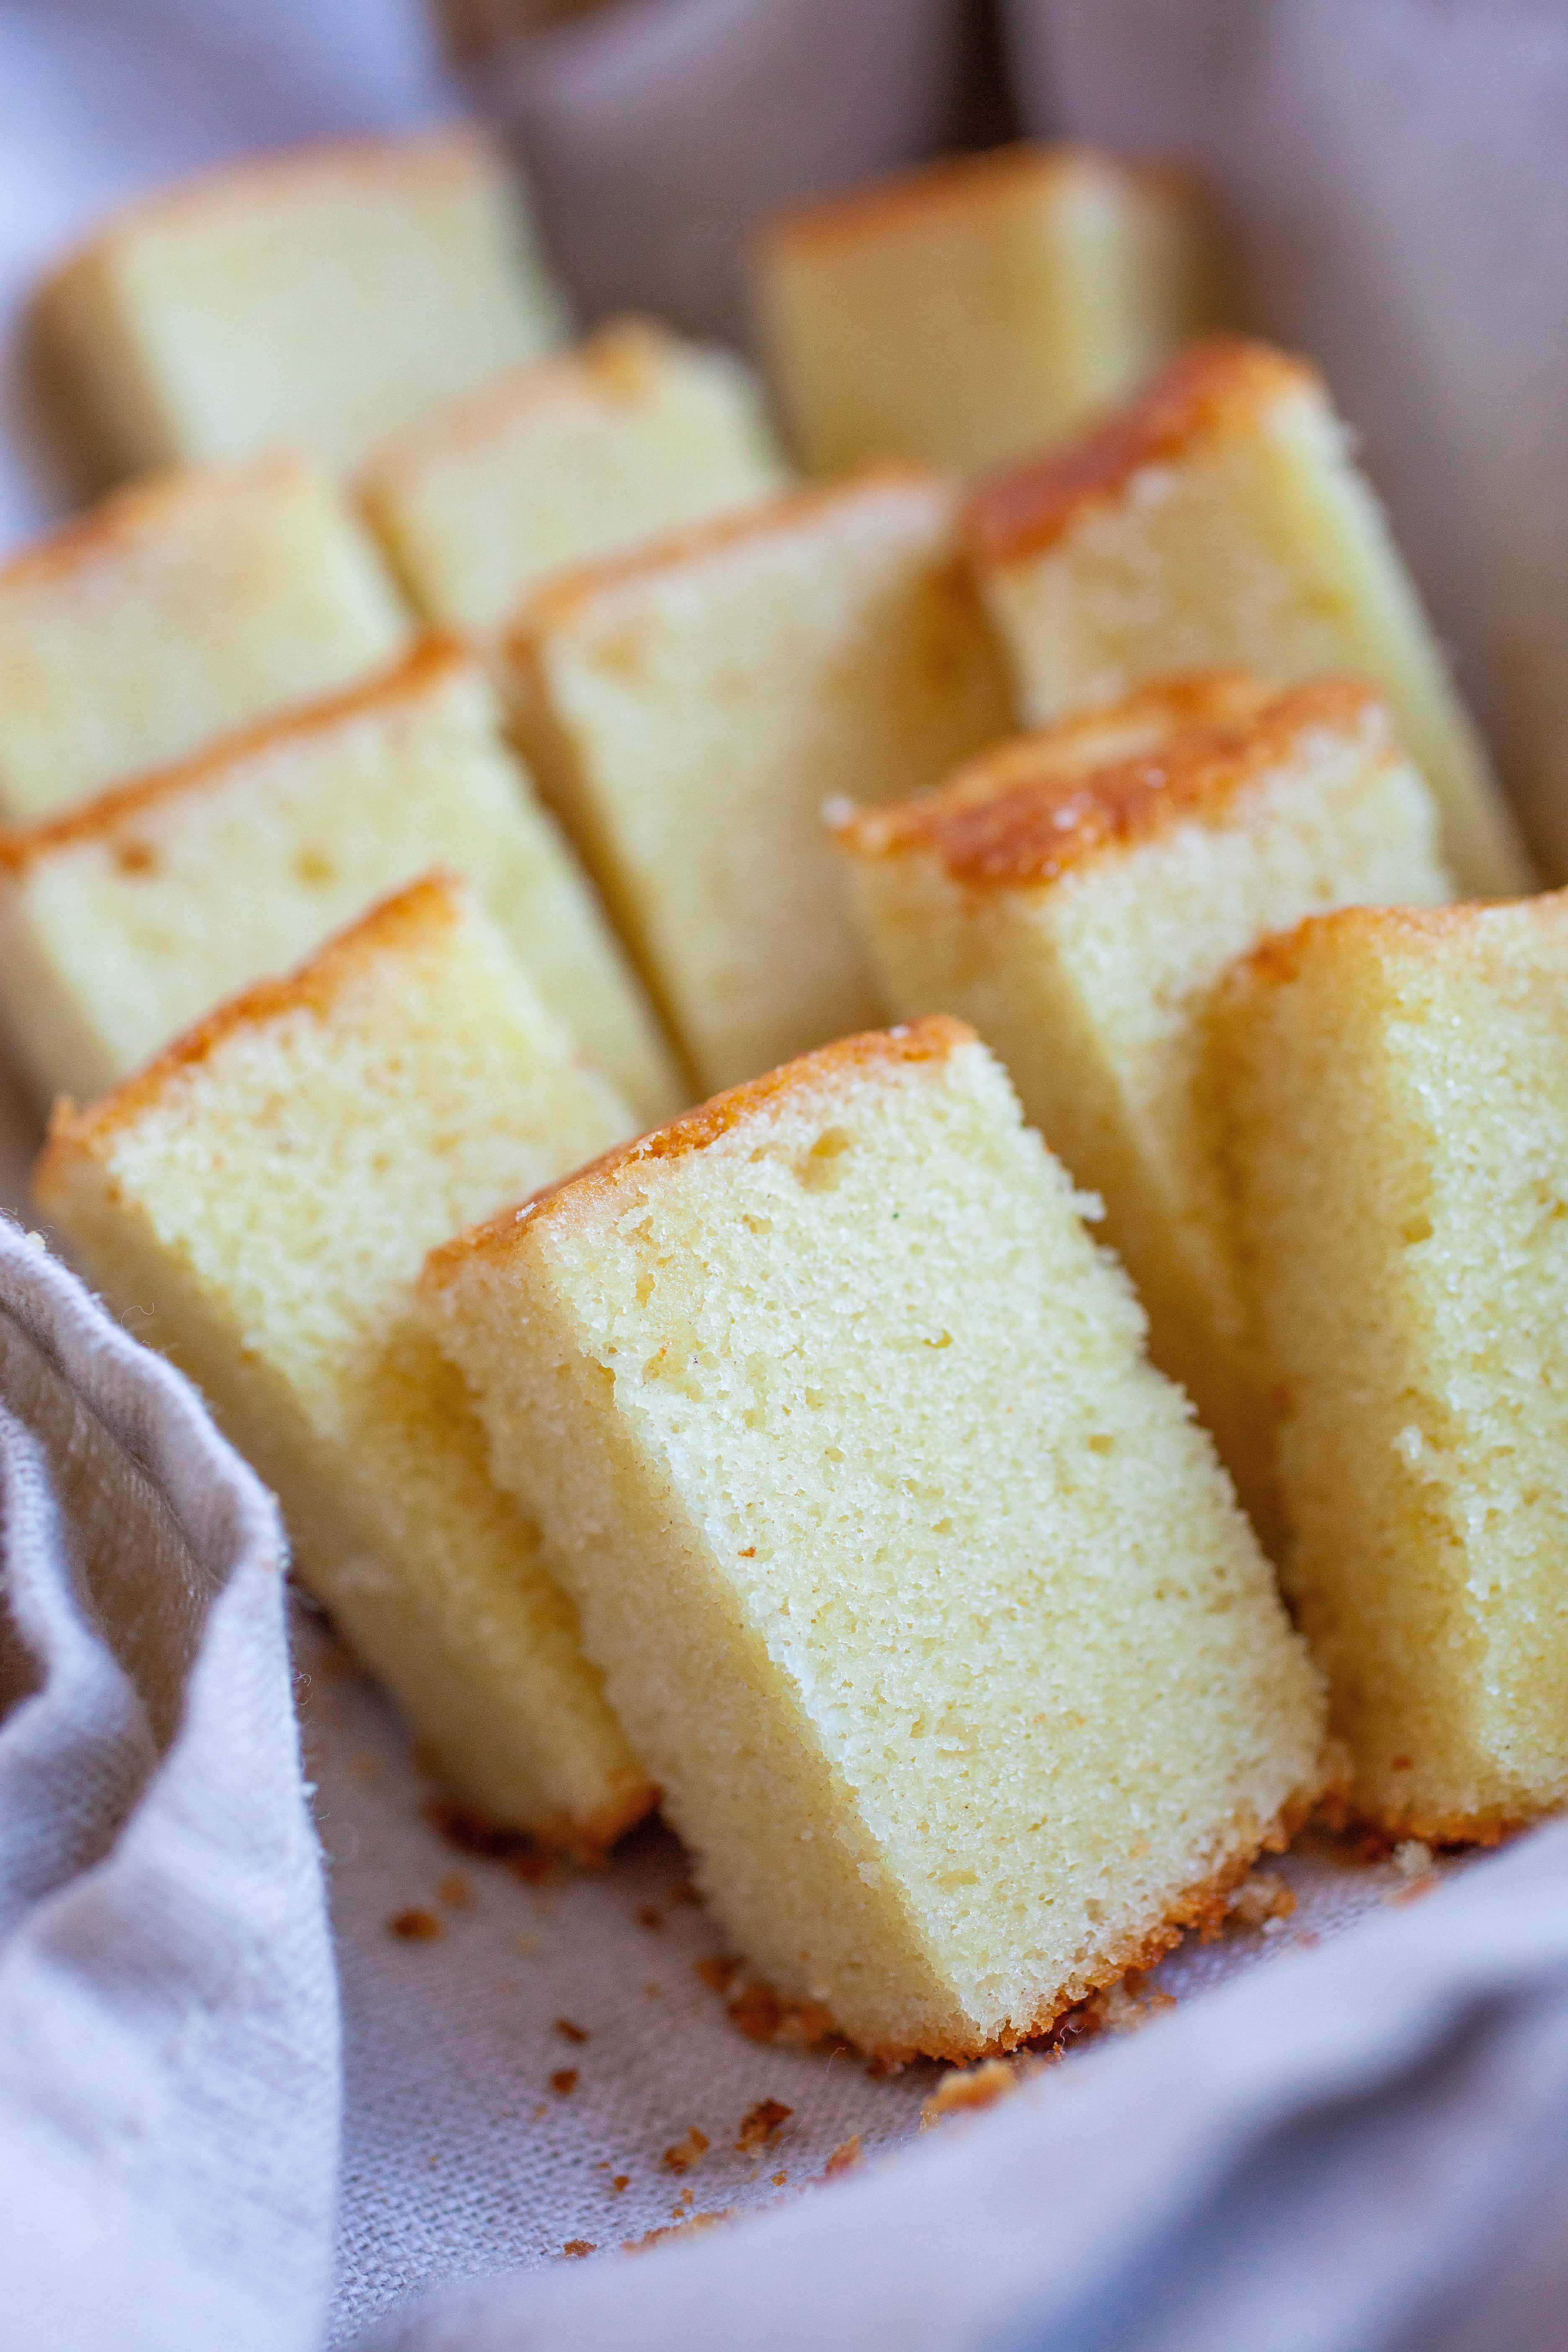 Petits morceaux de gâteau au beurre.